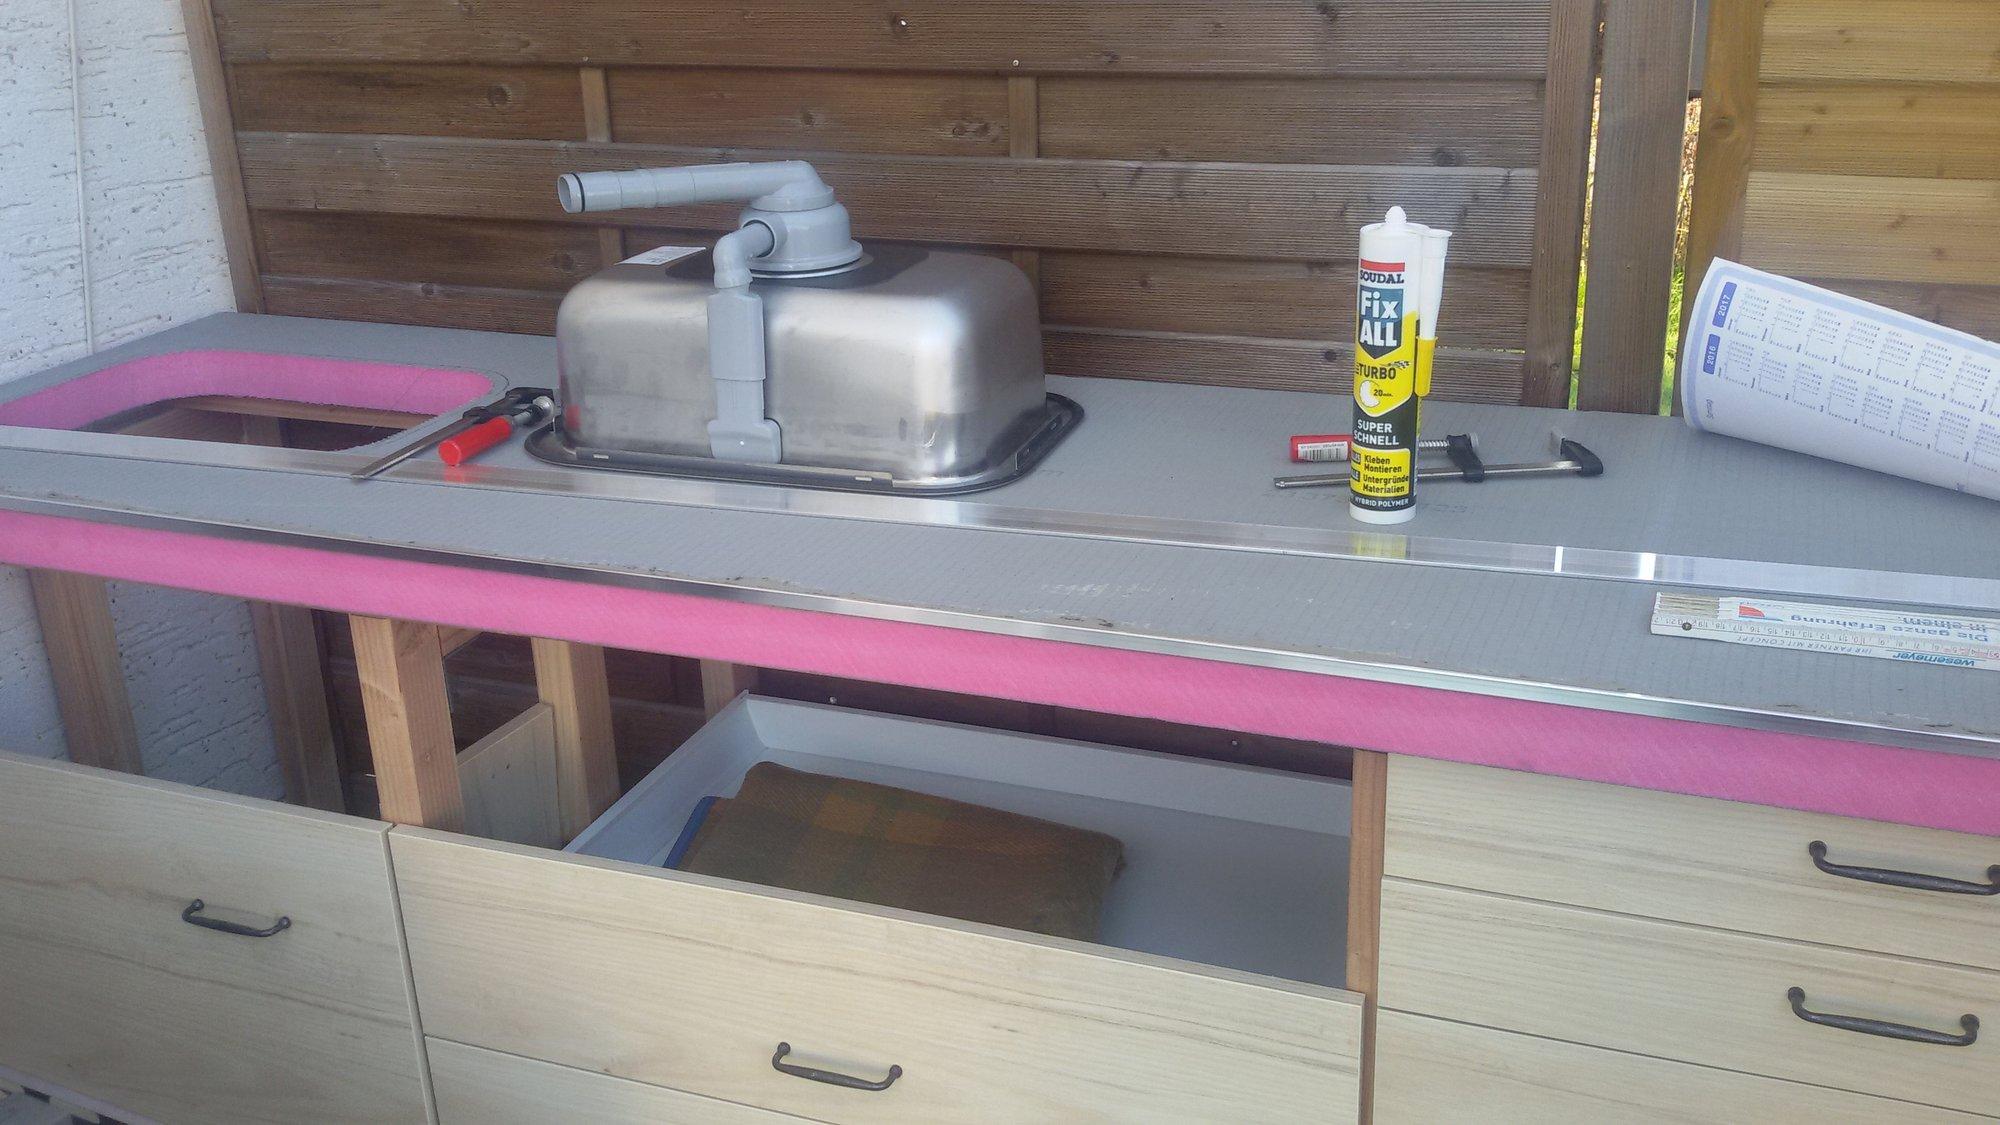 Platte Für Außenküche : Platte für außenküche außenküche grillplatz outdoorküche teil es